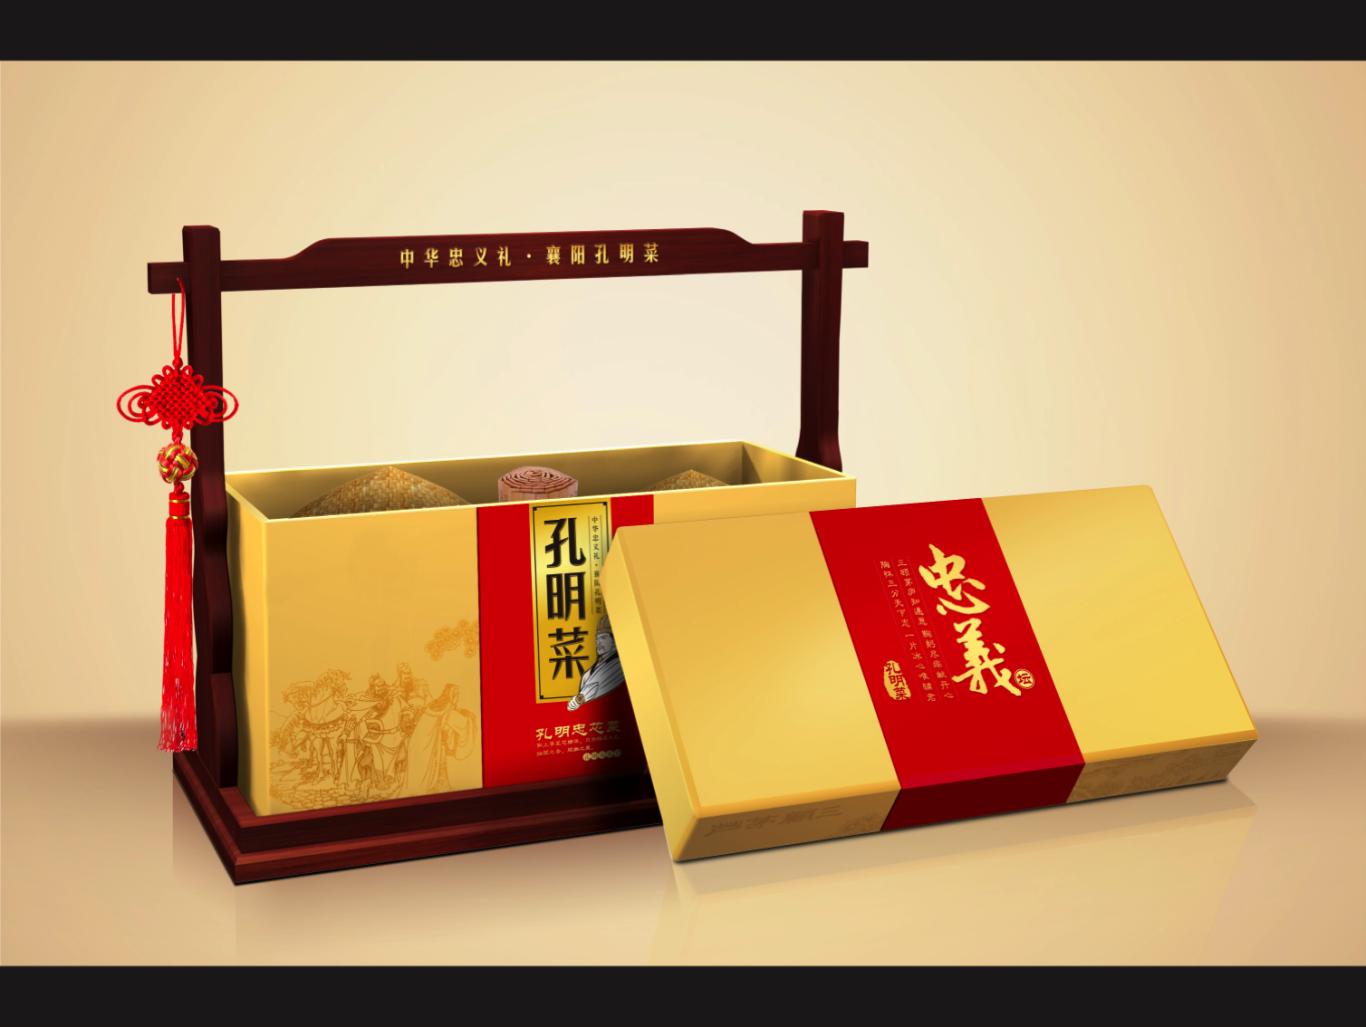 襄阳孔明菜系列产品包装设计图7